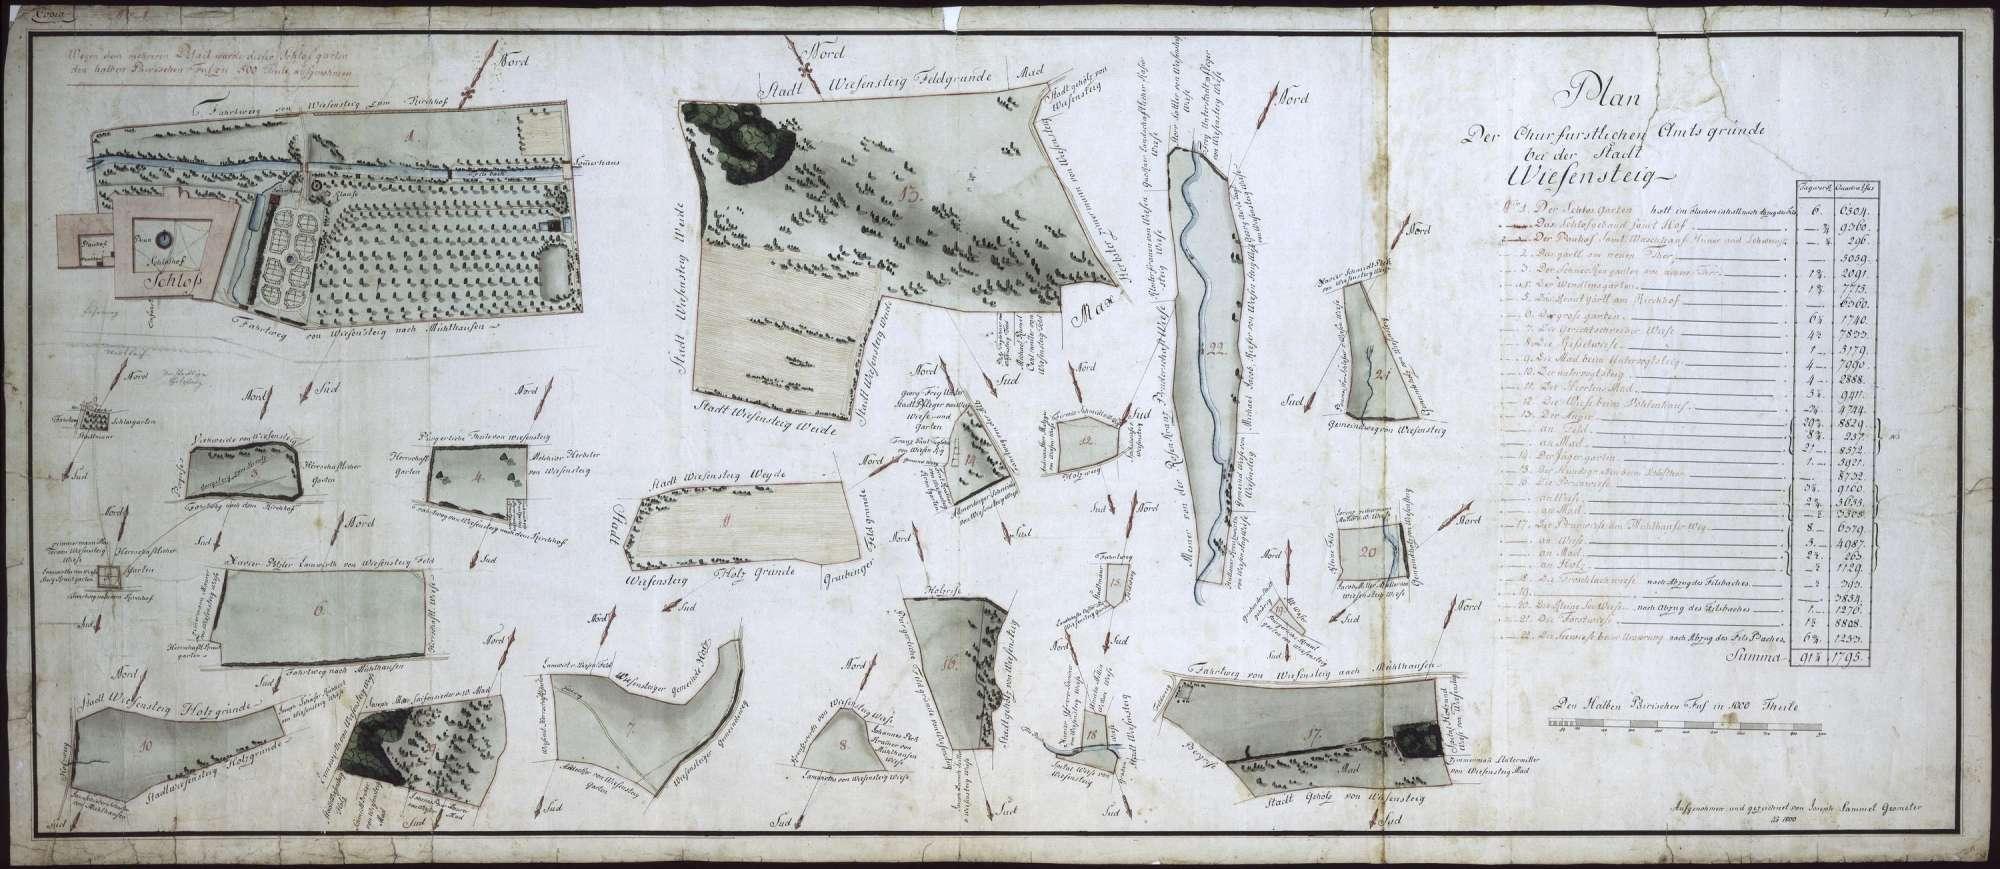 """""""Plan der churfürstlichen Amtsgründe bei der Stadt Wiesensteig (Nr. 1 - 22)"""", Bild 1"""